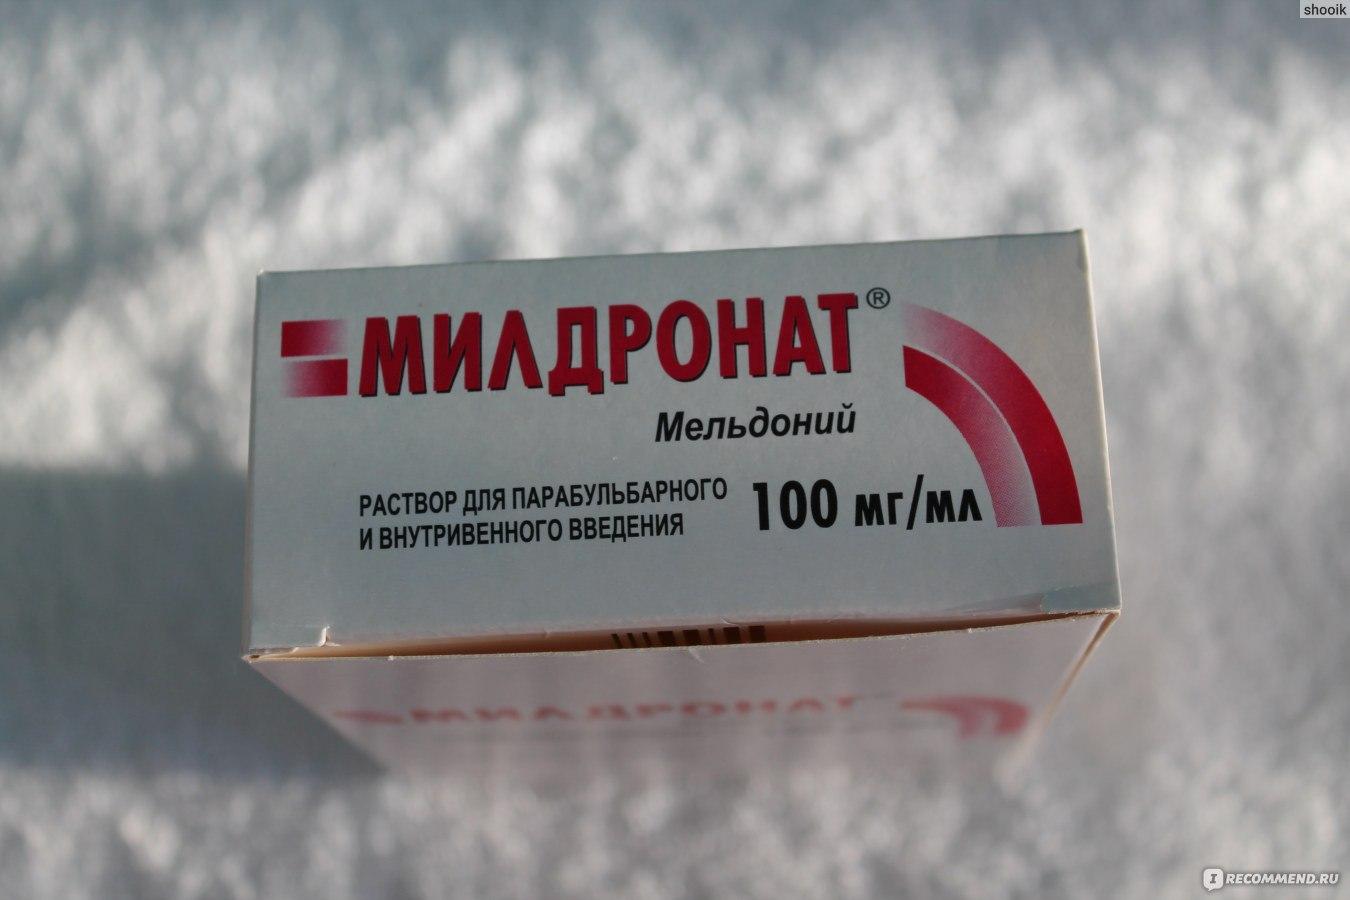 препарат касарк инструкция jnpsds